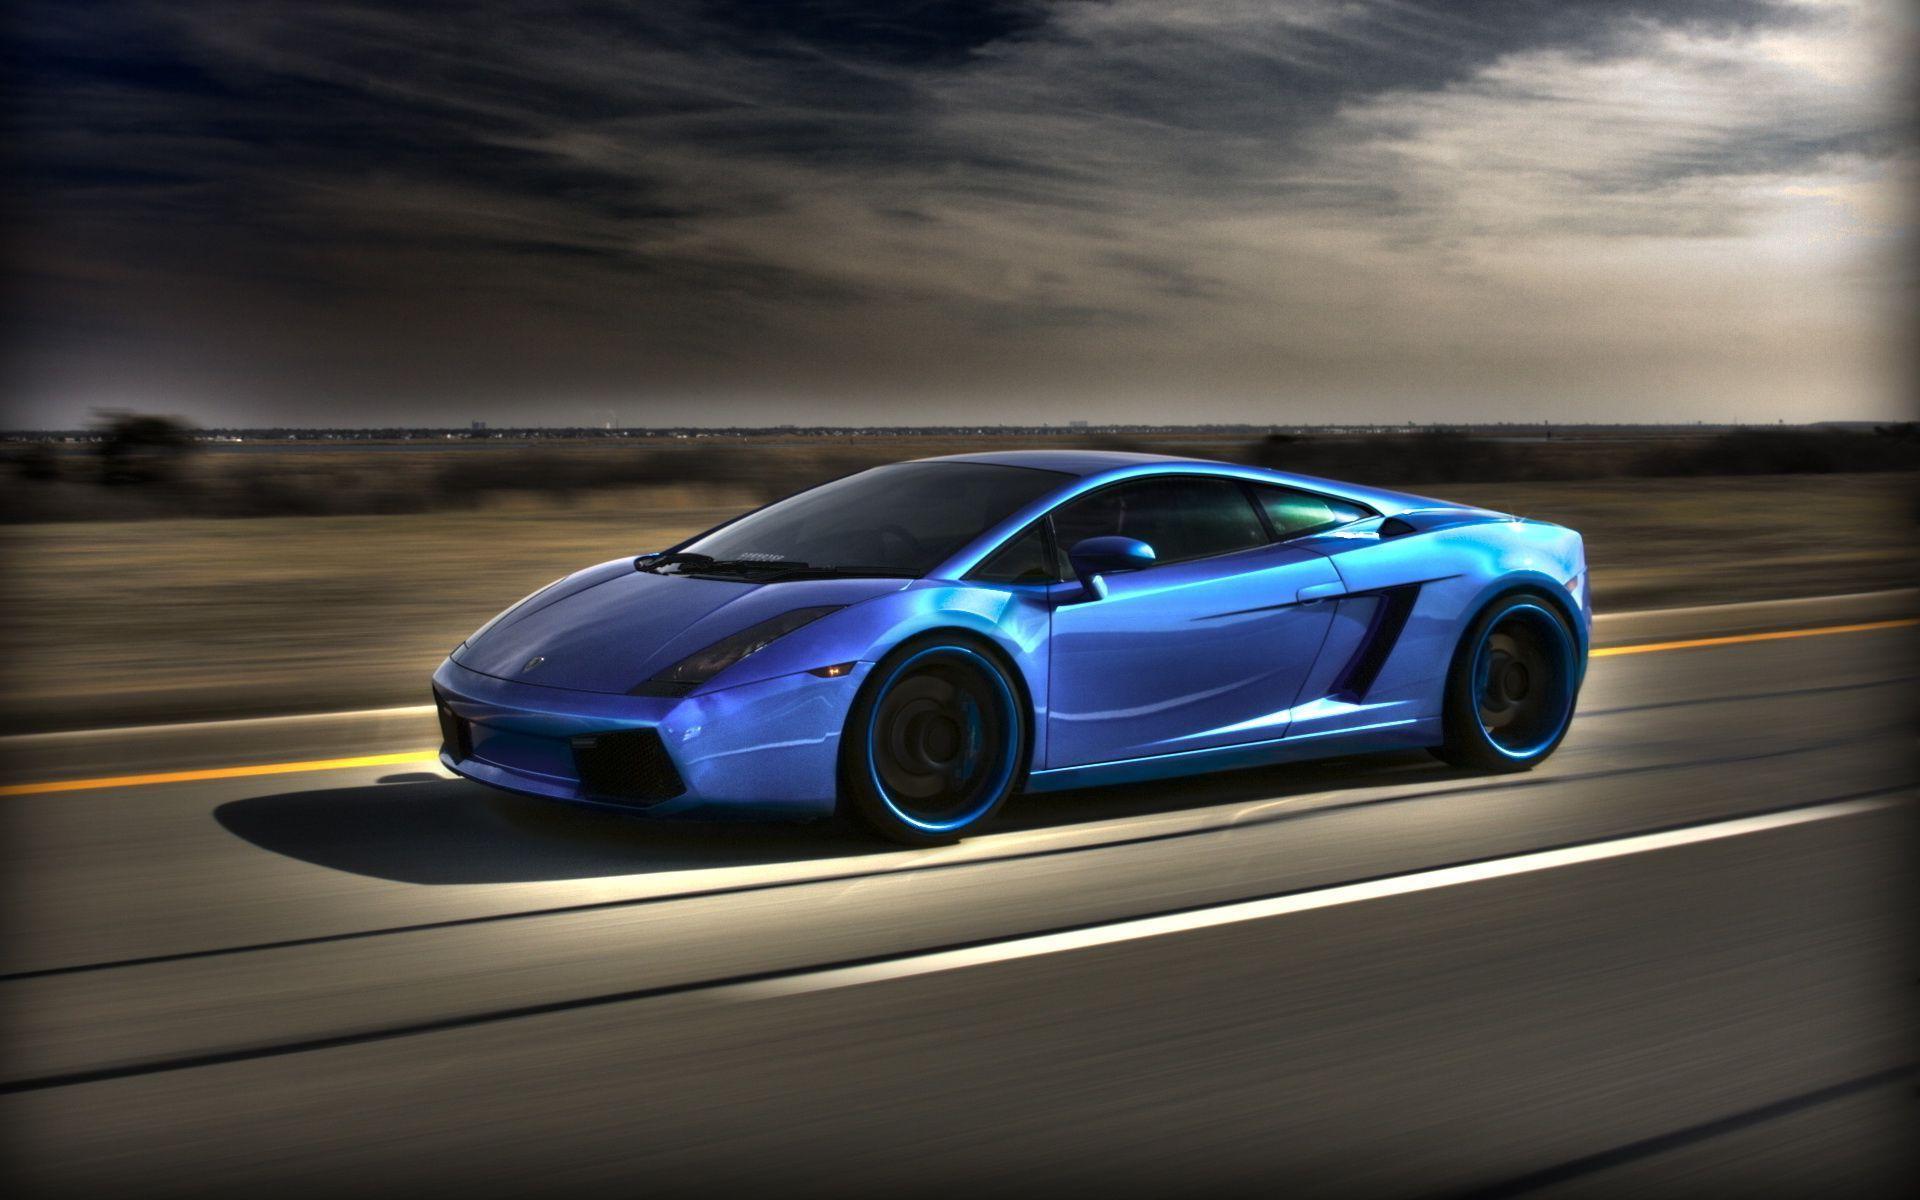 Lamborghini Gallardo Blue Wallpaper 1920x1200 15221 Card From